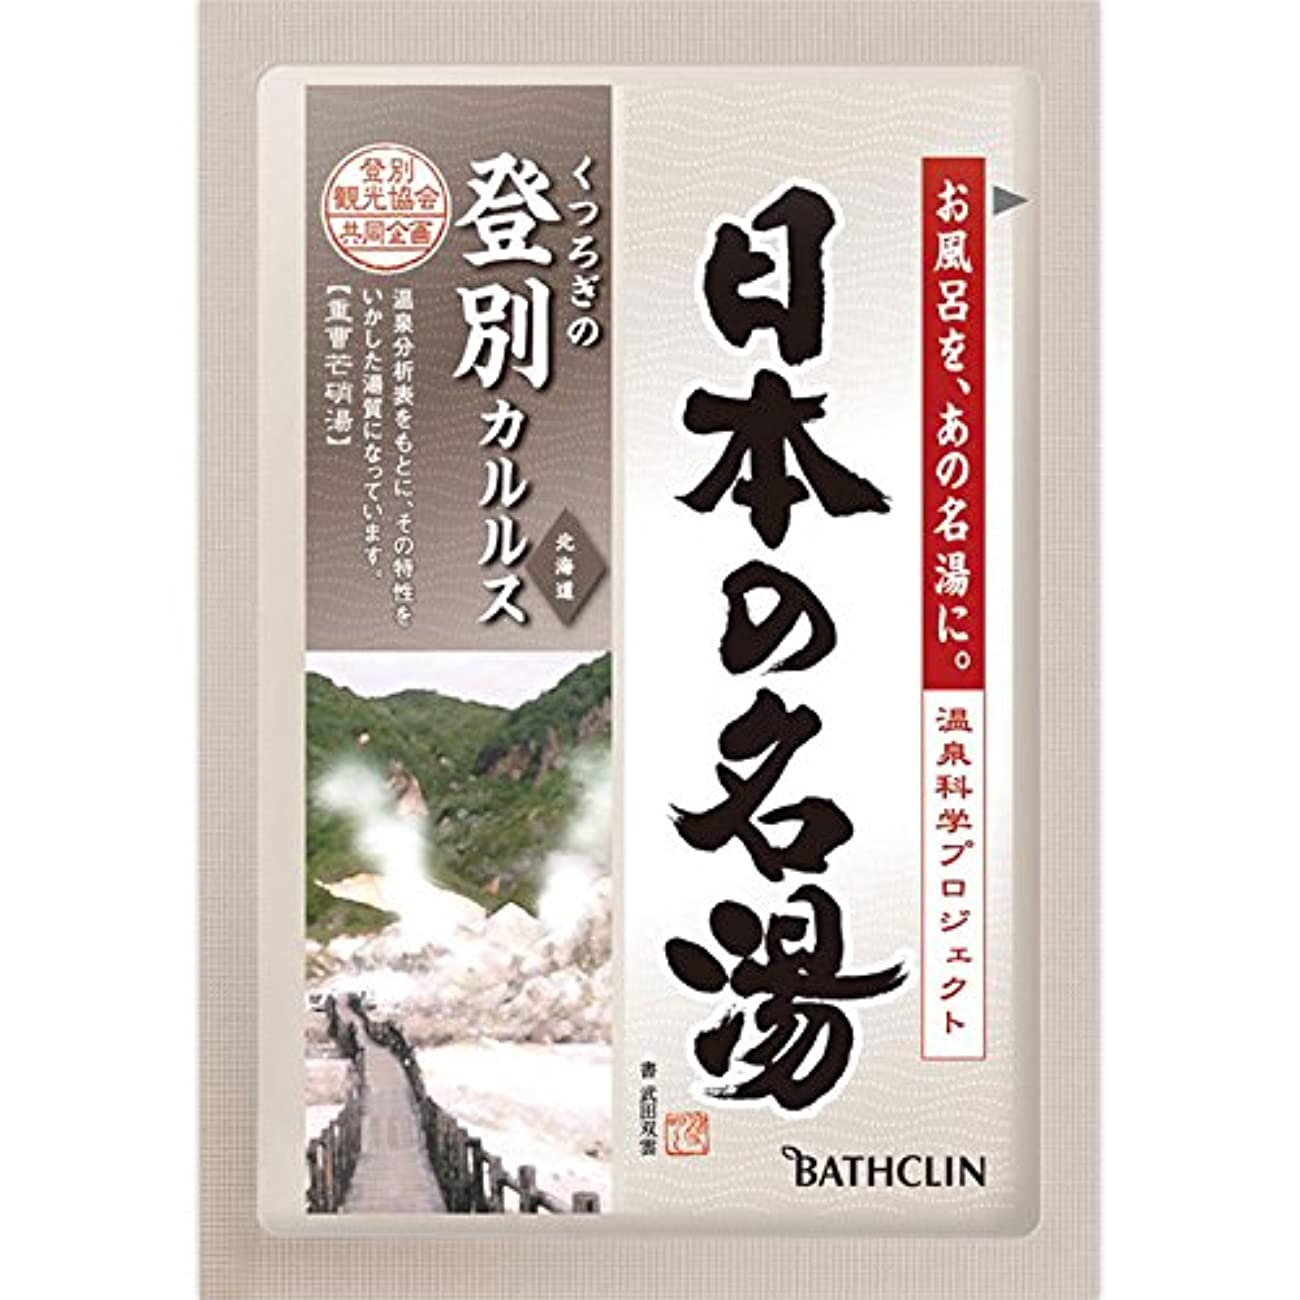 乙女柔らかいウルルバスクリン 日本の名湯 登別カルルス 30g (医薬部外品)